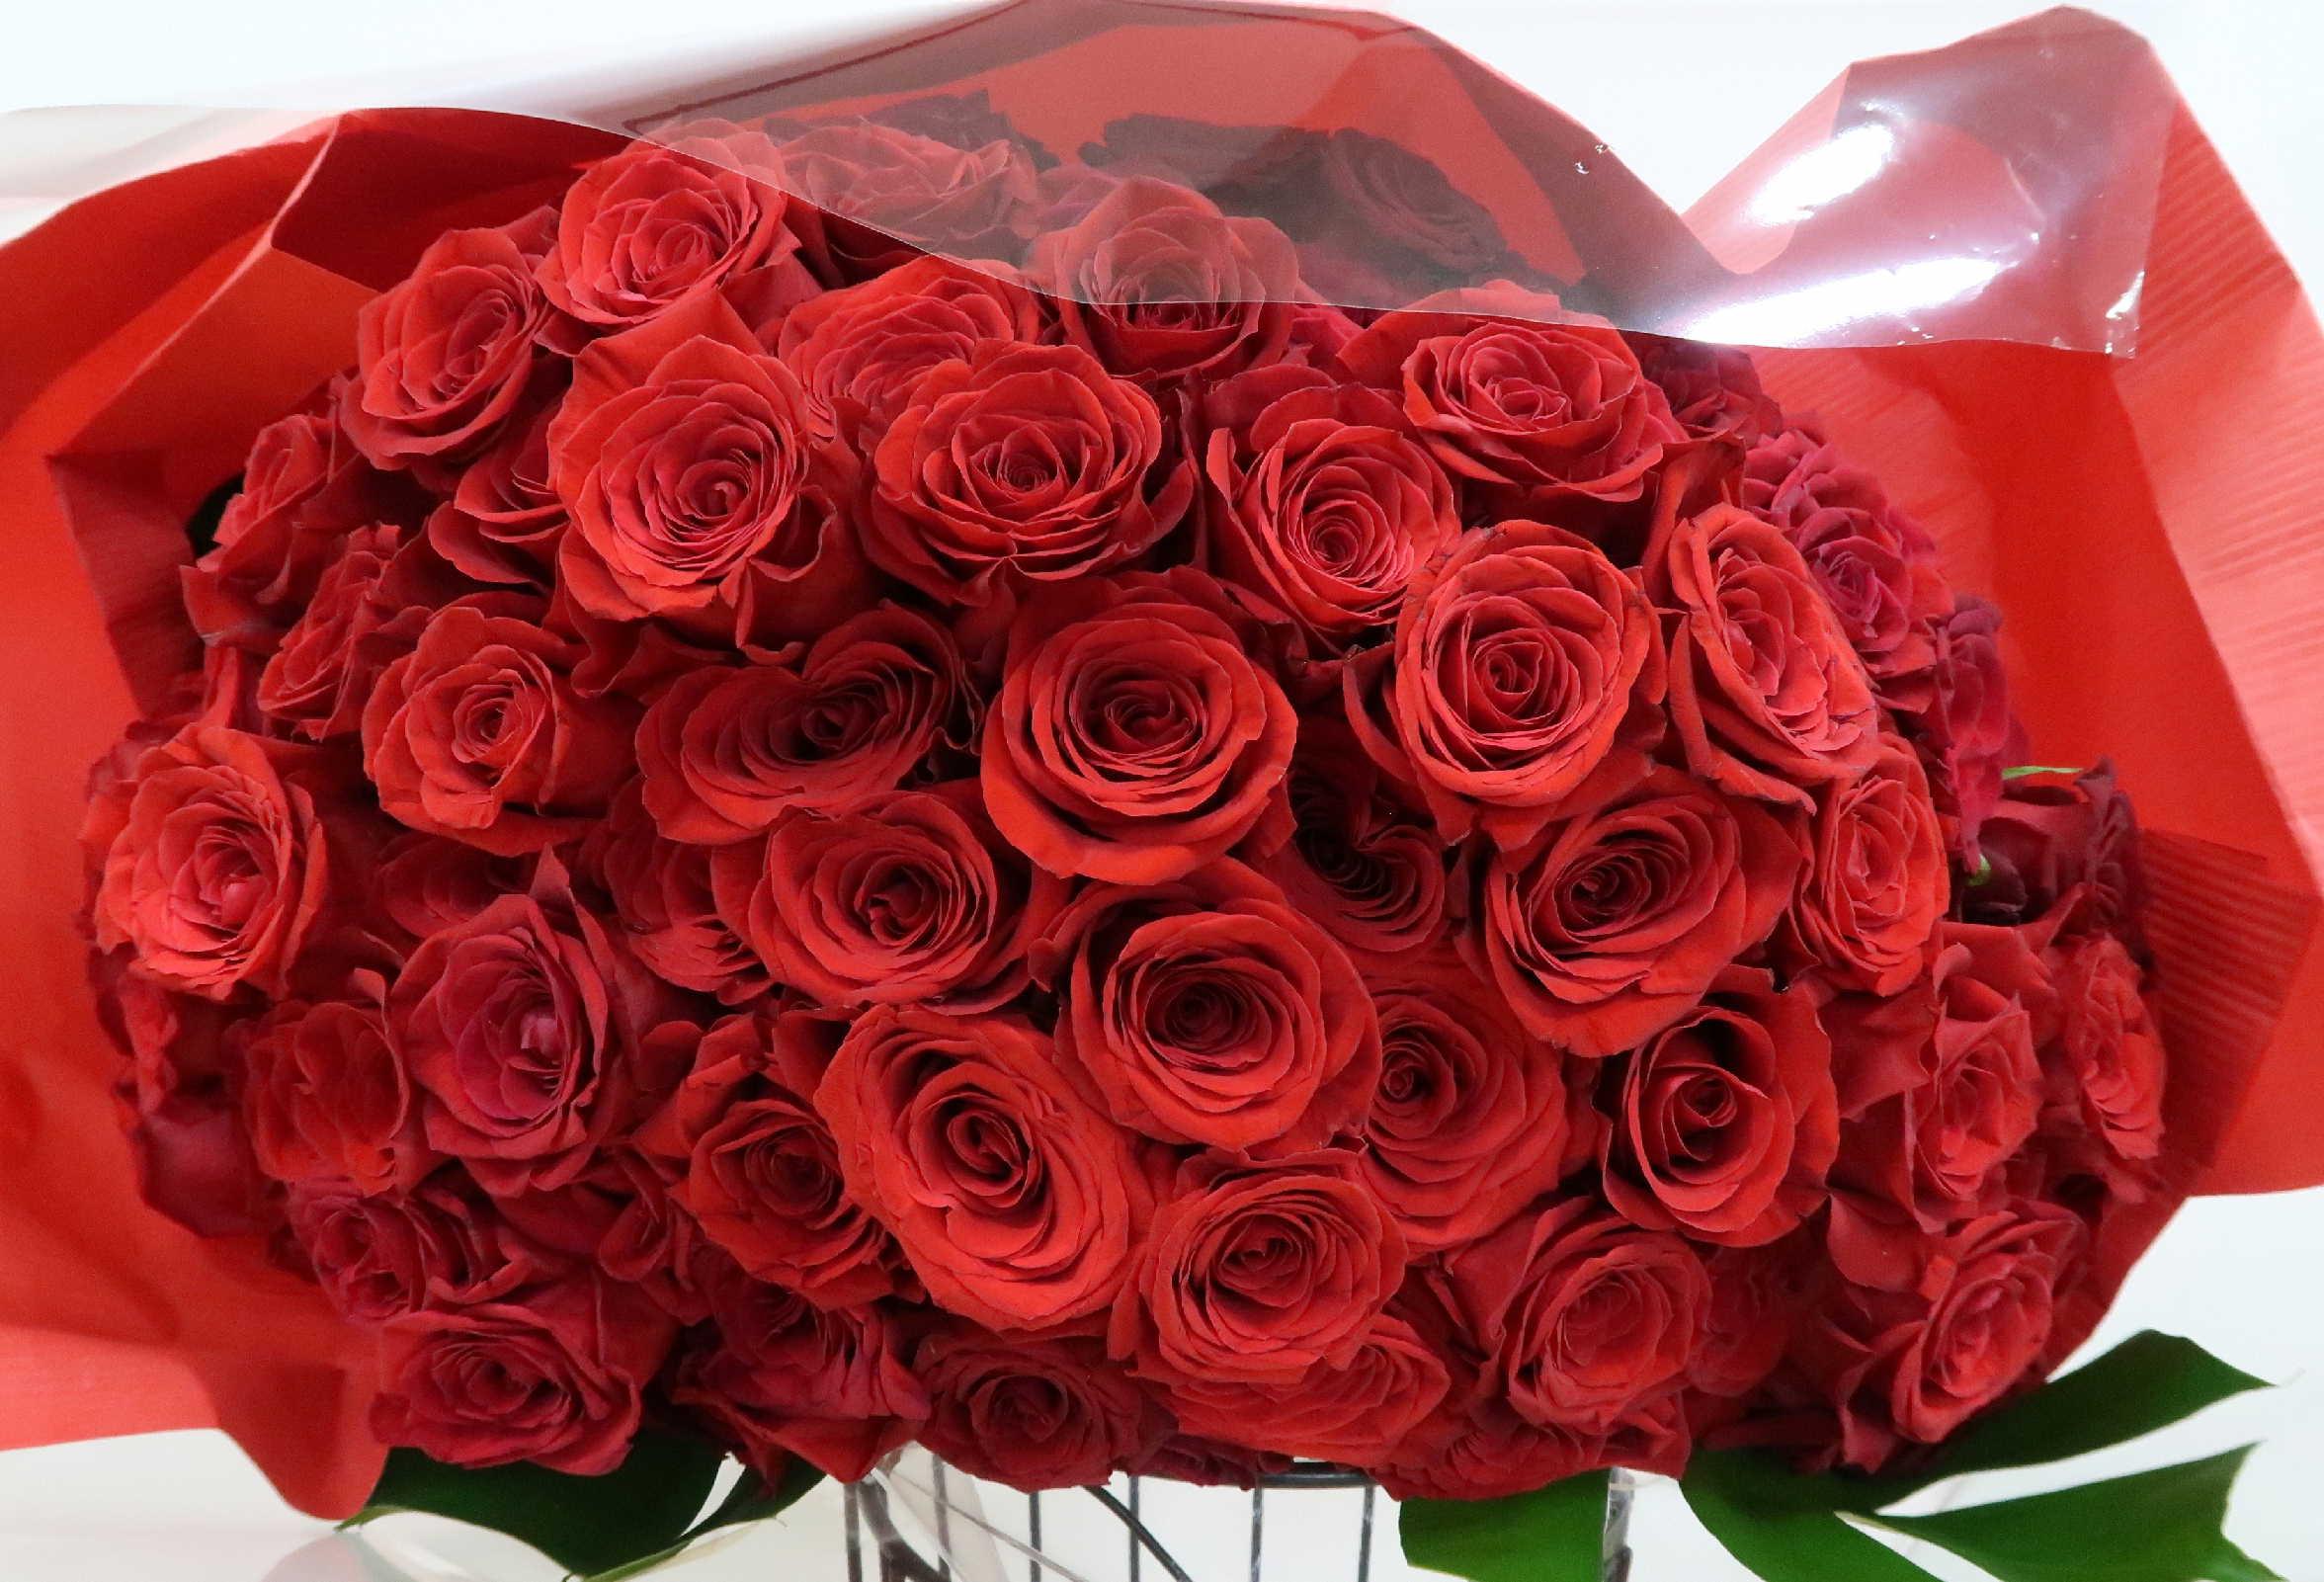 【イグニス】 特級・大輪赤いバラ108本の花束画像